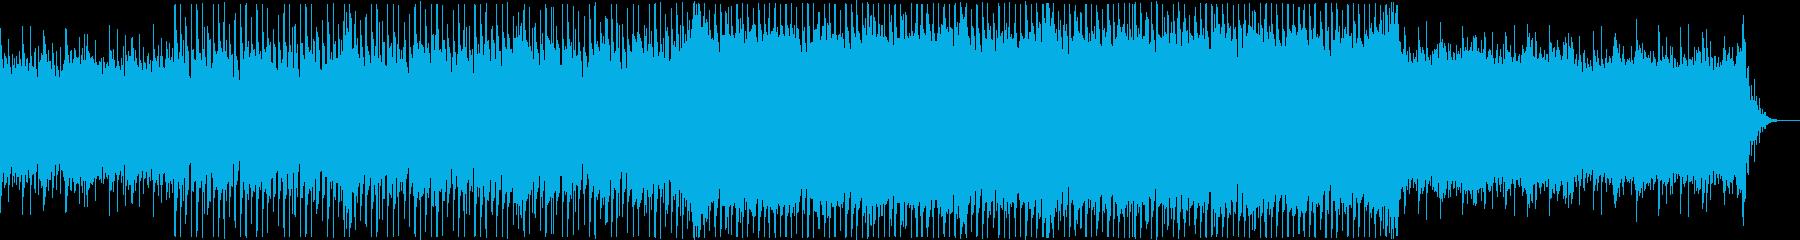 爽やかなエレクトロ、企業VPの再生済みの波形